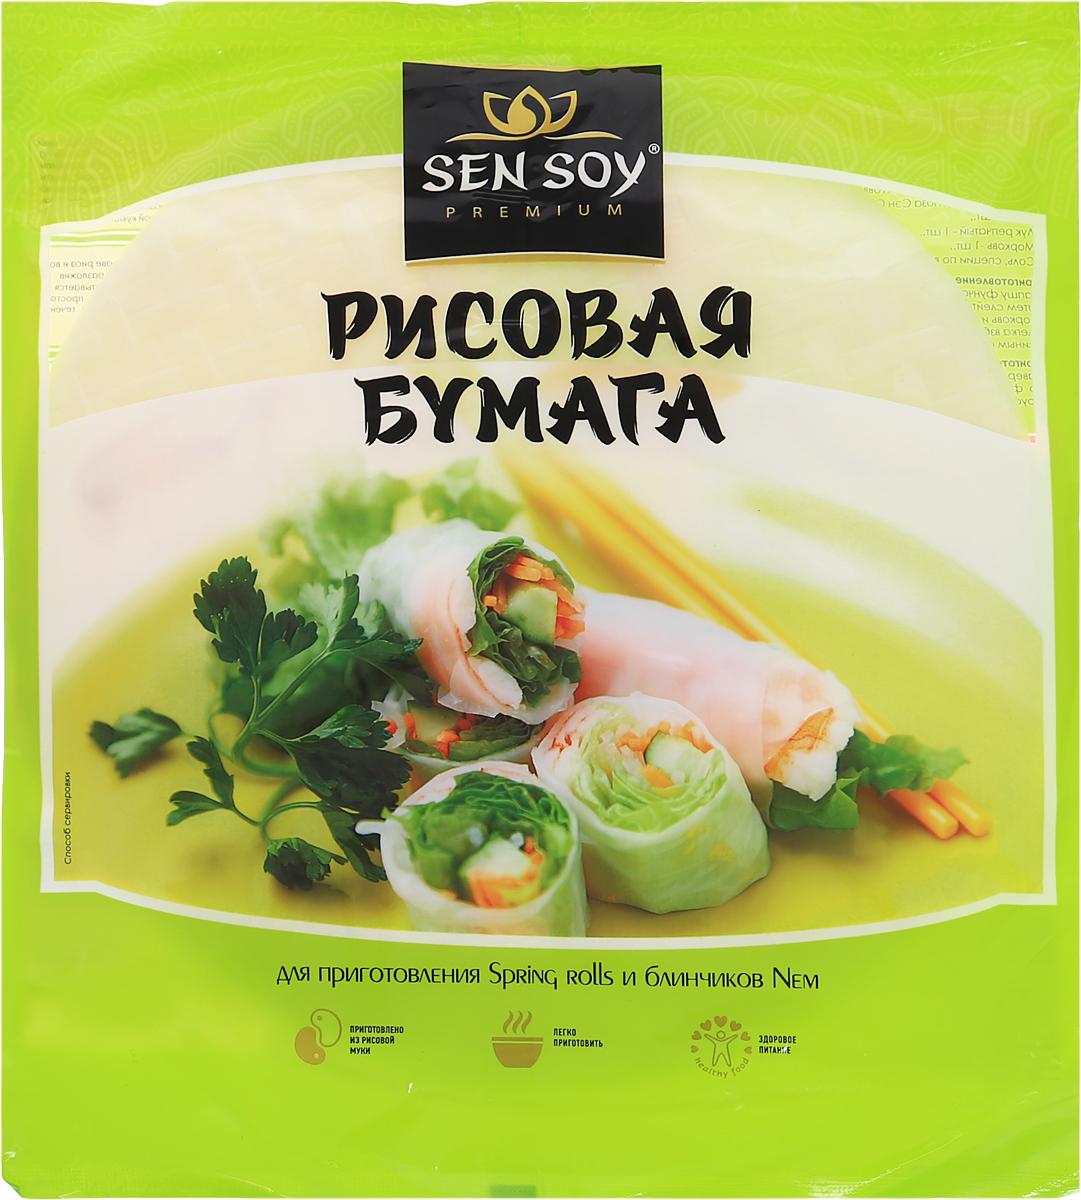 Sen Soy Рисовая бумага, 100 г4607041133771Рисовая бумага Sen Soy Premium готовится из теста на основе риса и воды, с добавлением соли. Готовые листы сушат на солнце, разложив на бамбуковых циновках, характерный рисунок от которых отпечатывается на каждом листе. Хрупкая и ломкая в сухом виде, она очень проста в приготовлении – достаточно размочить листы в холодной воде в течение минуты и можно смело заворачивать начинку в ролл. Рисовая бумага – уникальный диетический продукт, который не содержит жиров и сахара. Обогащенная клетчаткой, она также служит незаменимым источником полезных углеводов и является важным источником нескольких витаминов группы В. Упаковка может иметь несколько видов дизайна. Поставка осуществляется в зависимости от наличия на складе.